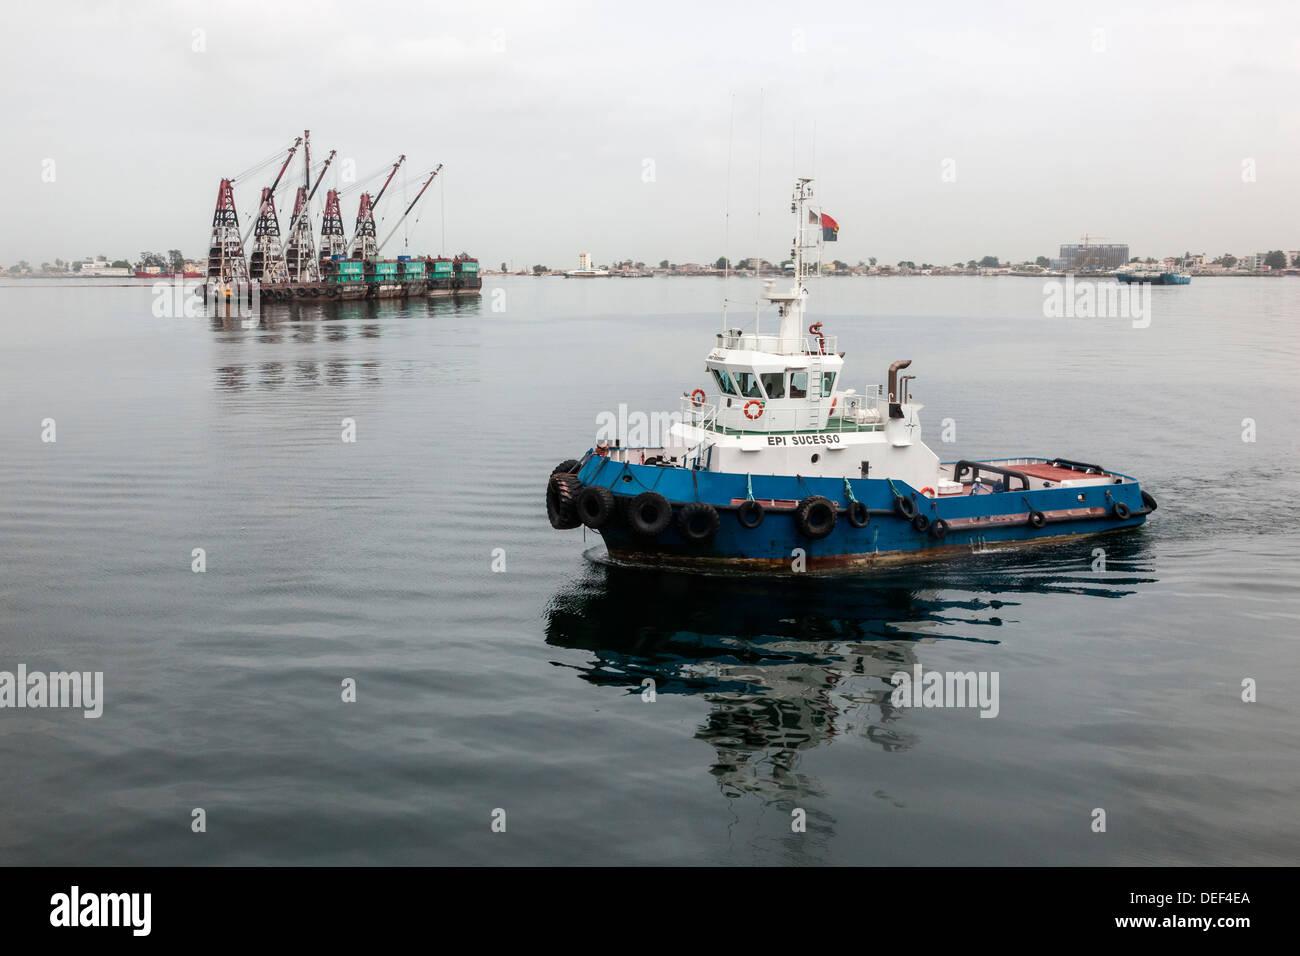 Africa, Angola, Luanda. Tug boat near barge. - Stock Image